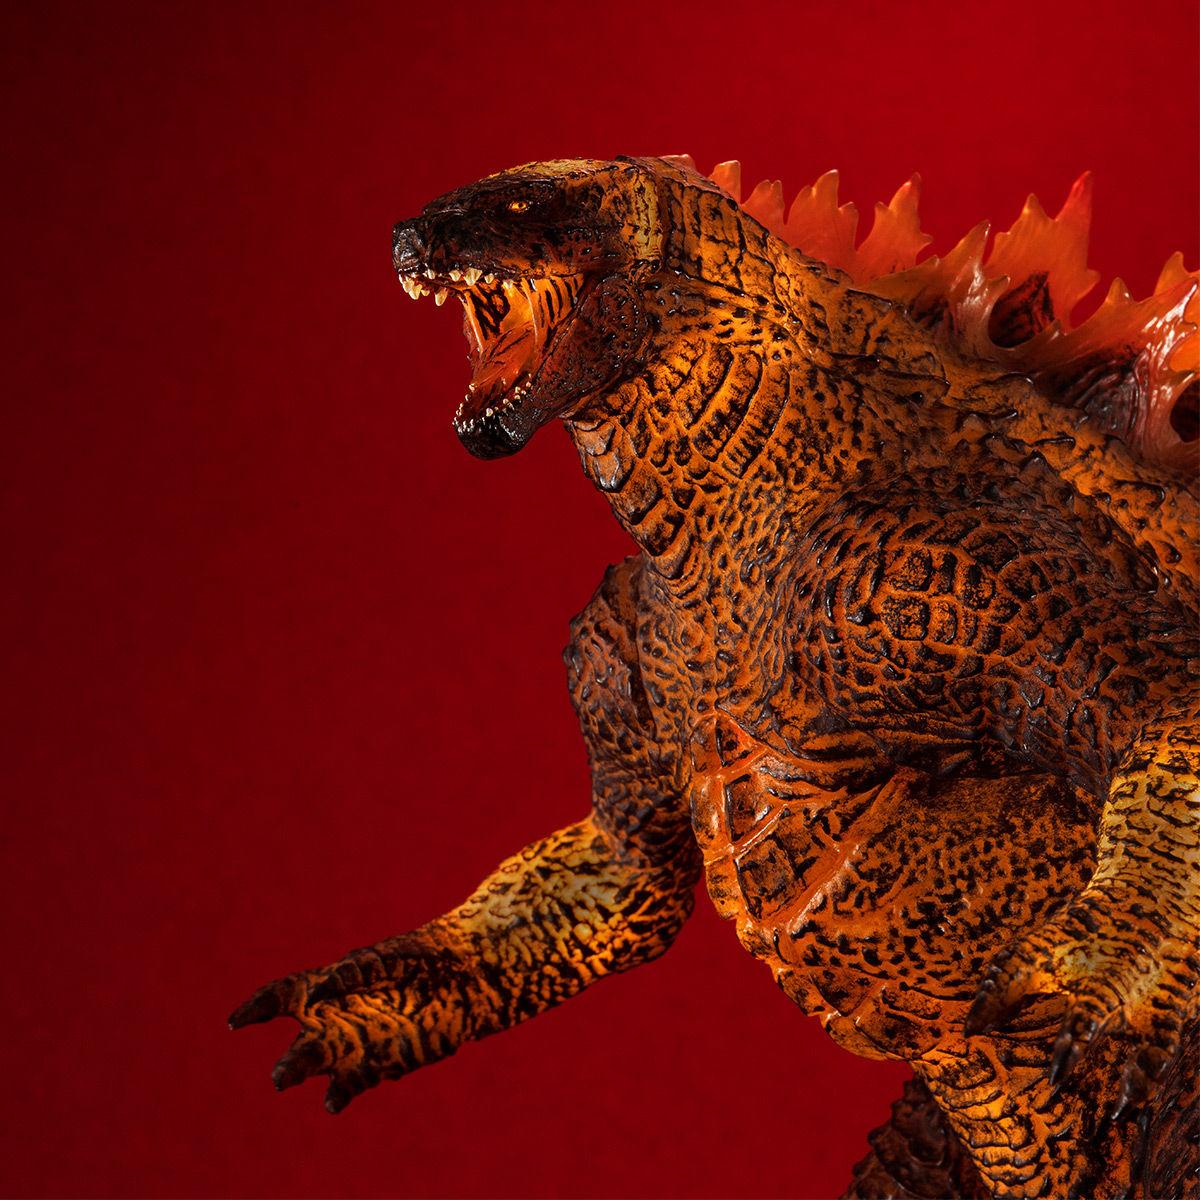 【限定販売】UA Monsters『バーニング・ゴジラ 2019(GODZILLA II)』ゴジラ キング・オブ・モンスターズ 完成品フィギュア-006